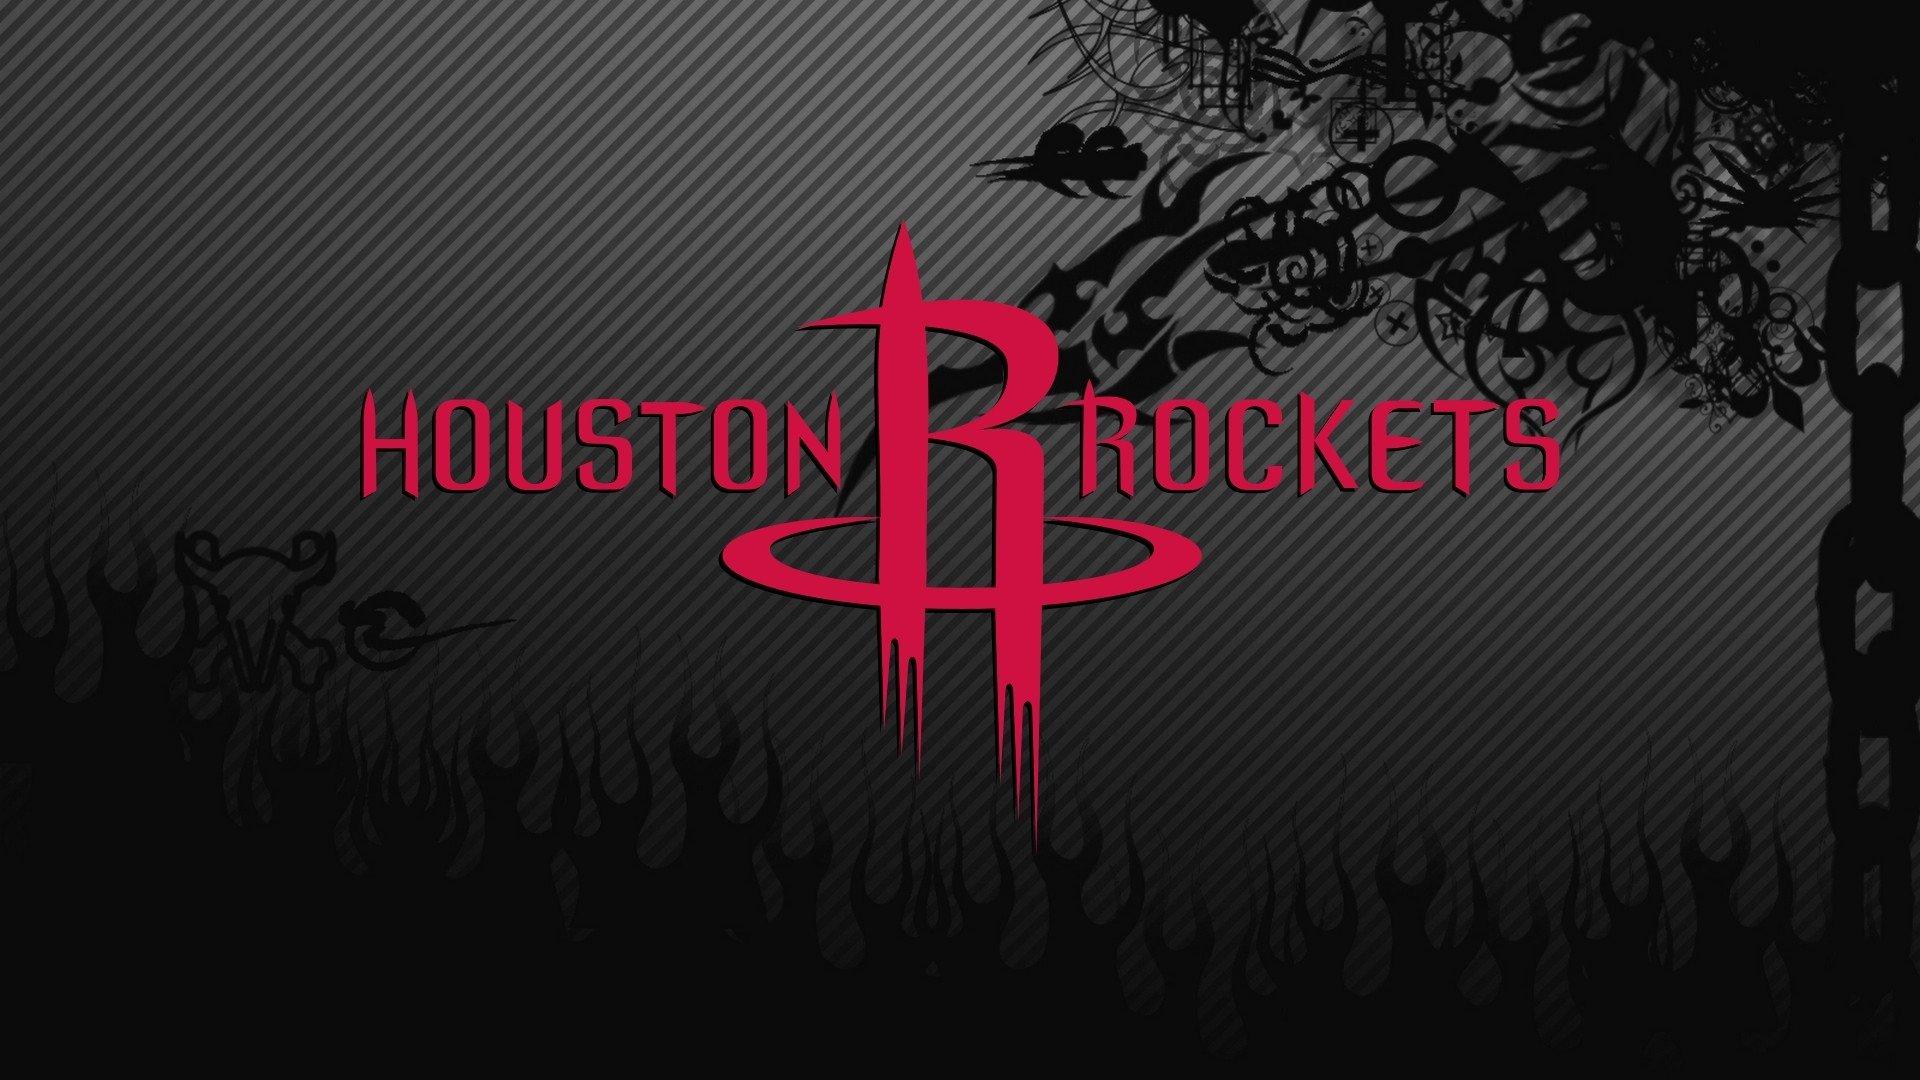 Houston Rockets Hd Wallpaper